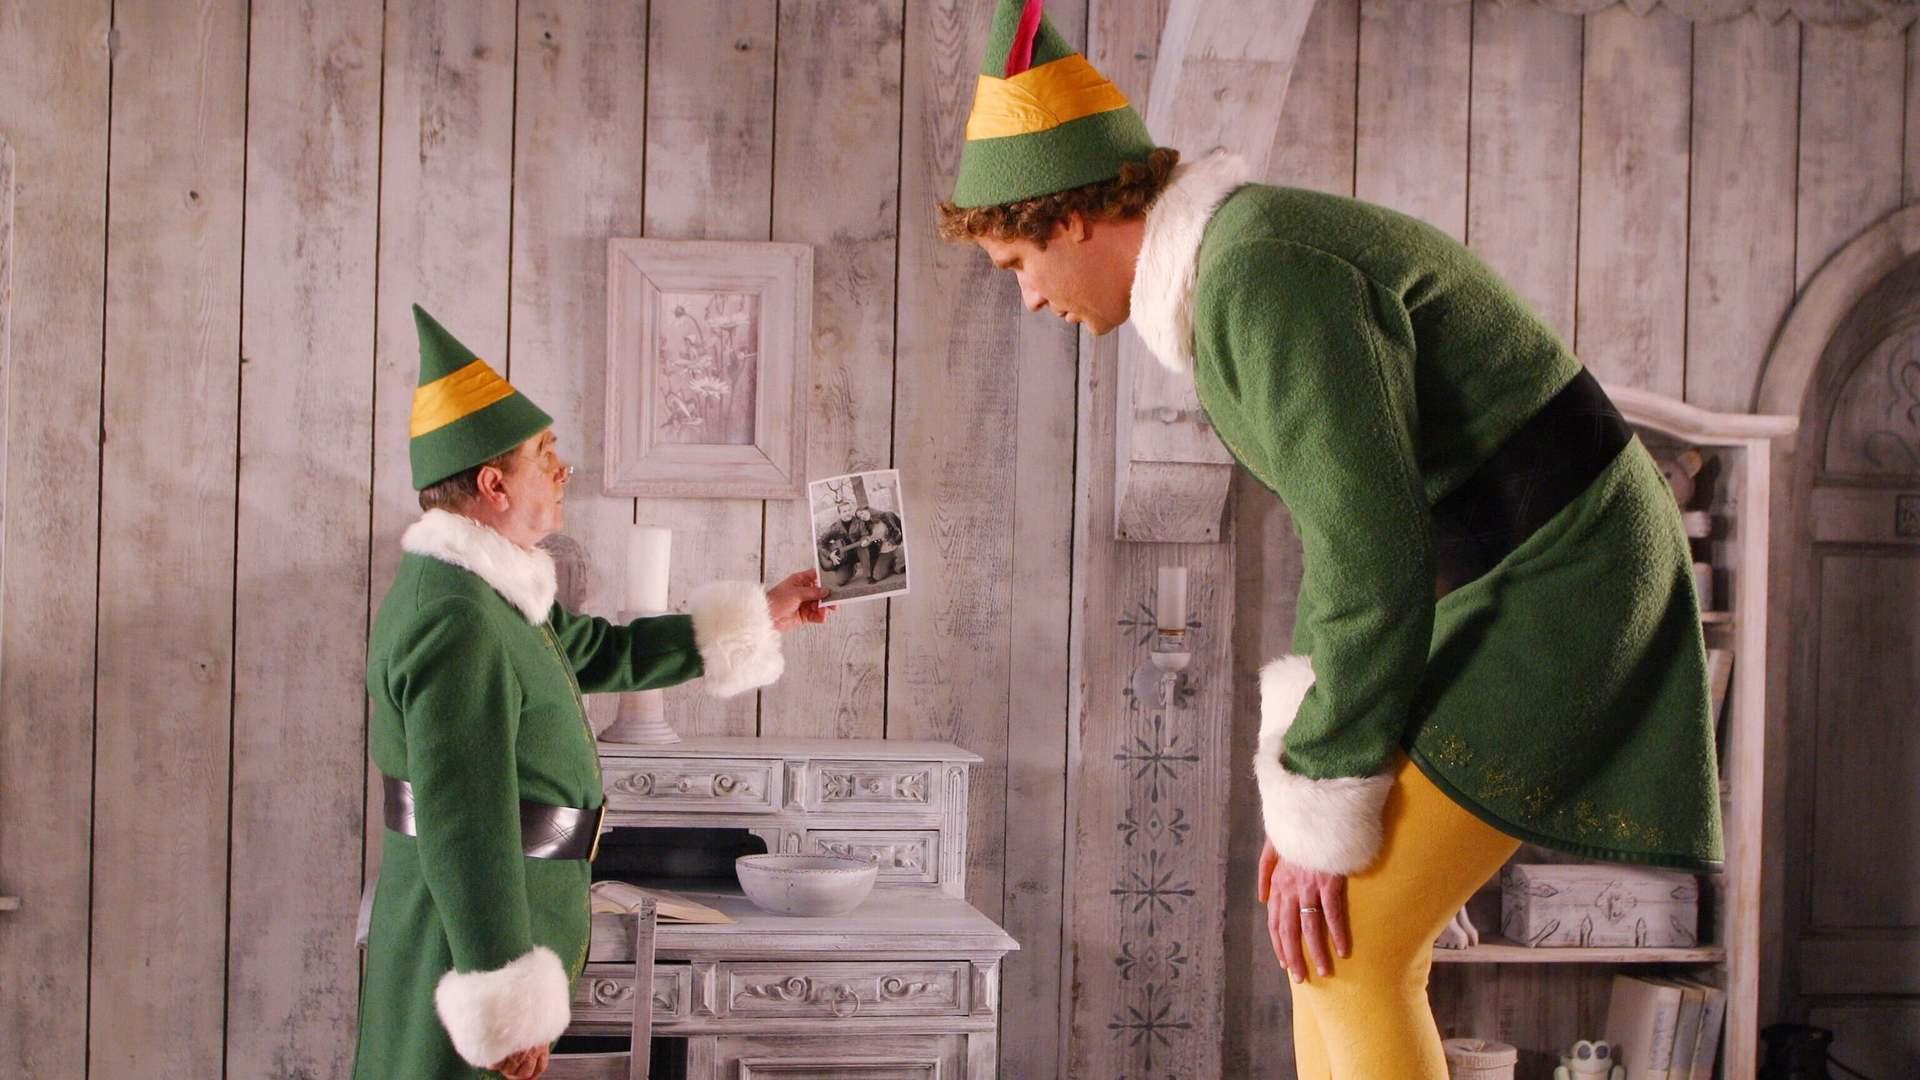 Кадры из фильма Эльф Elf 2003